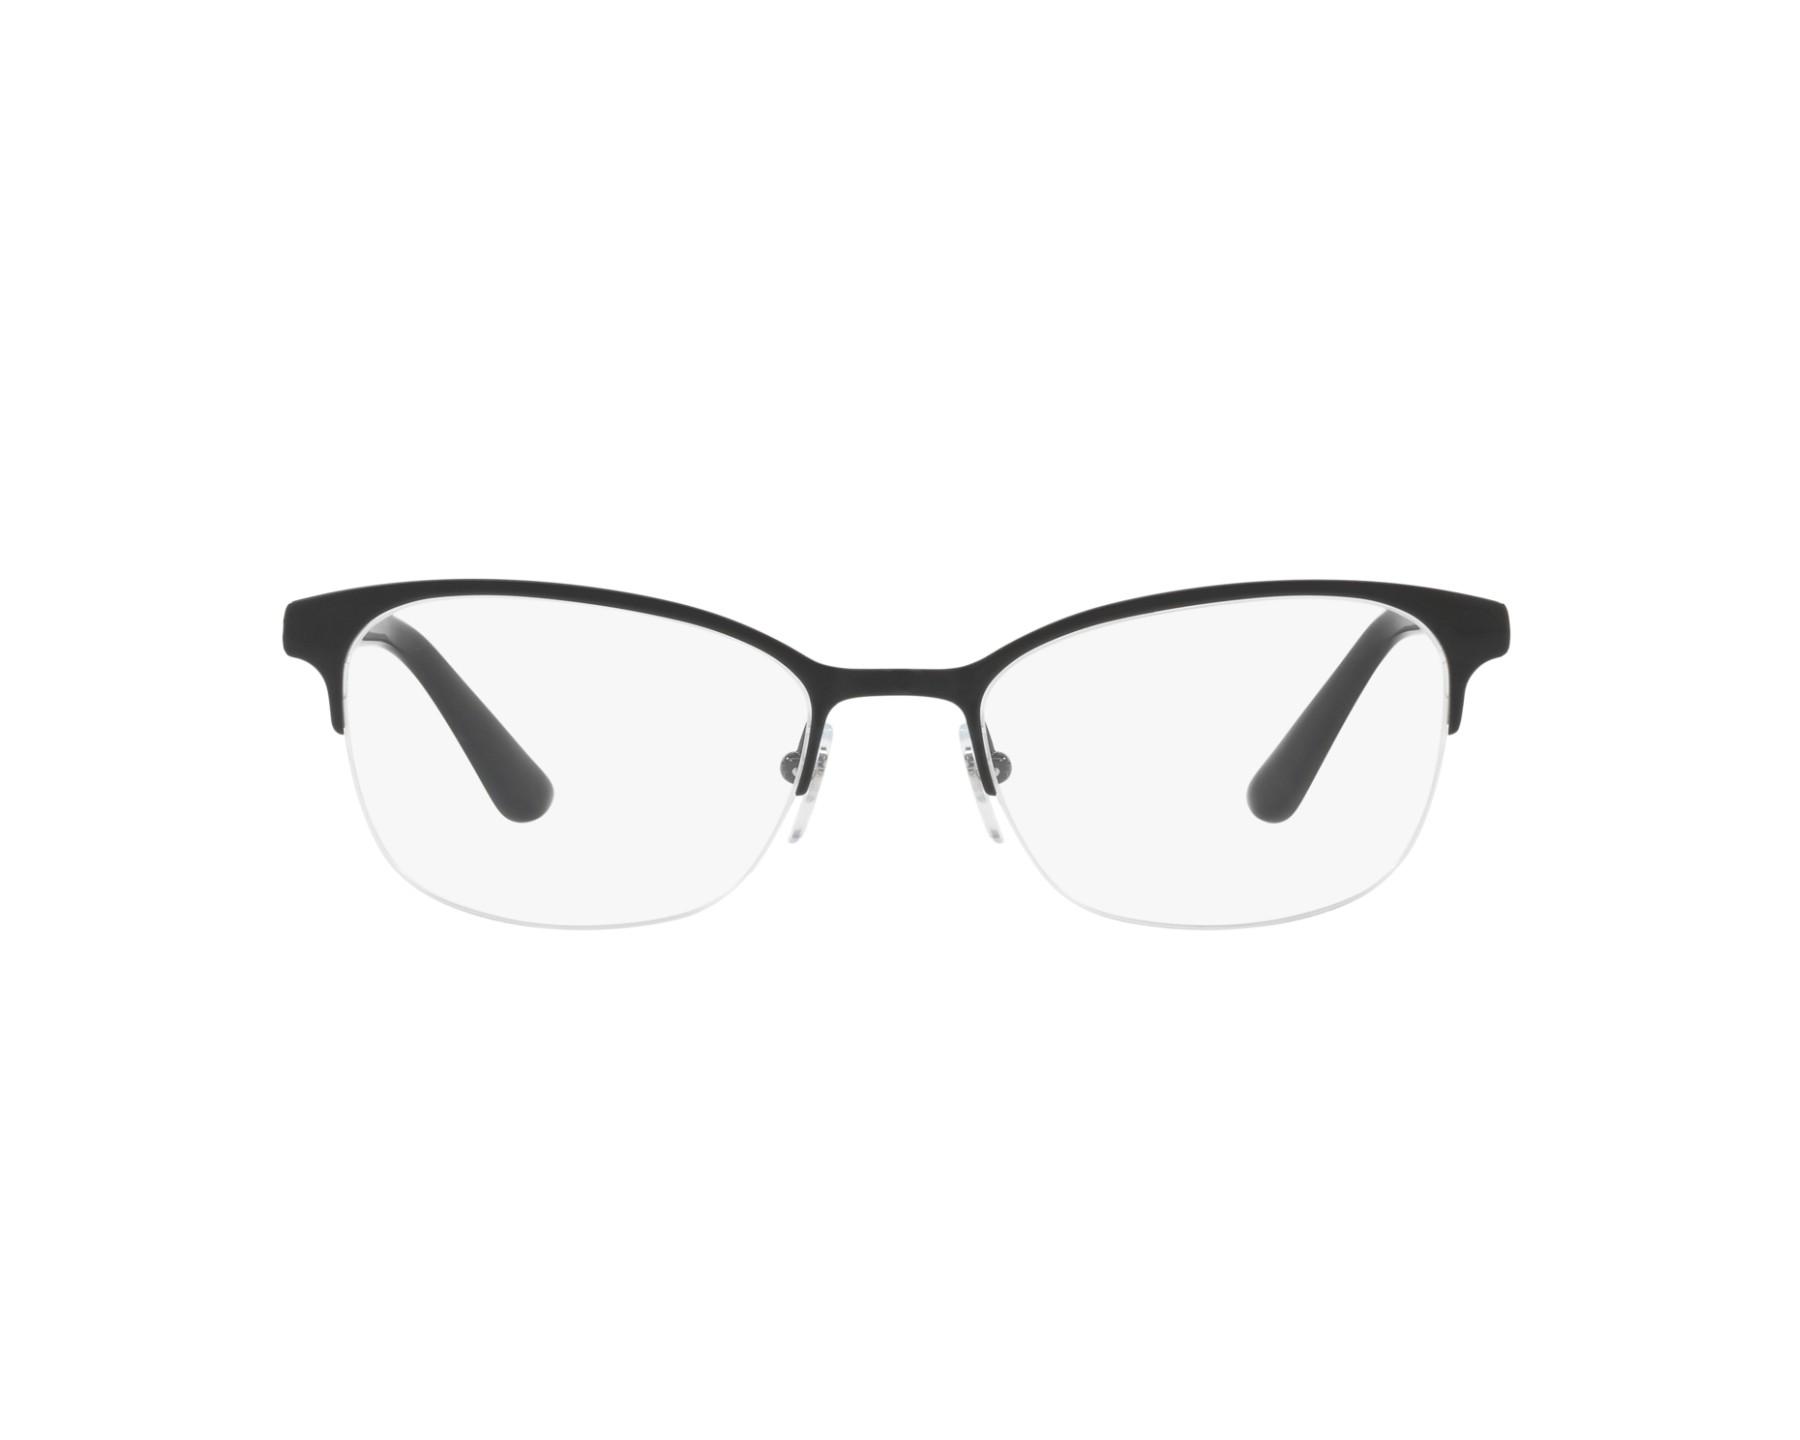 ceb097fd28 eyeglasses Vogue VO-4067 352 - Black Silver 360 degree view 1